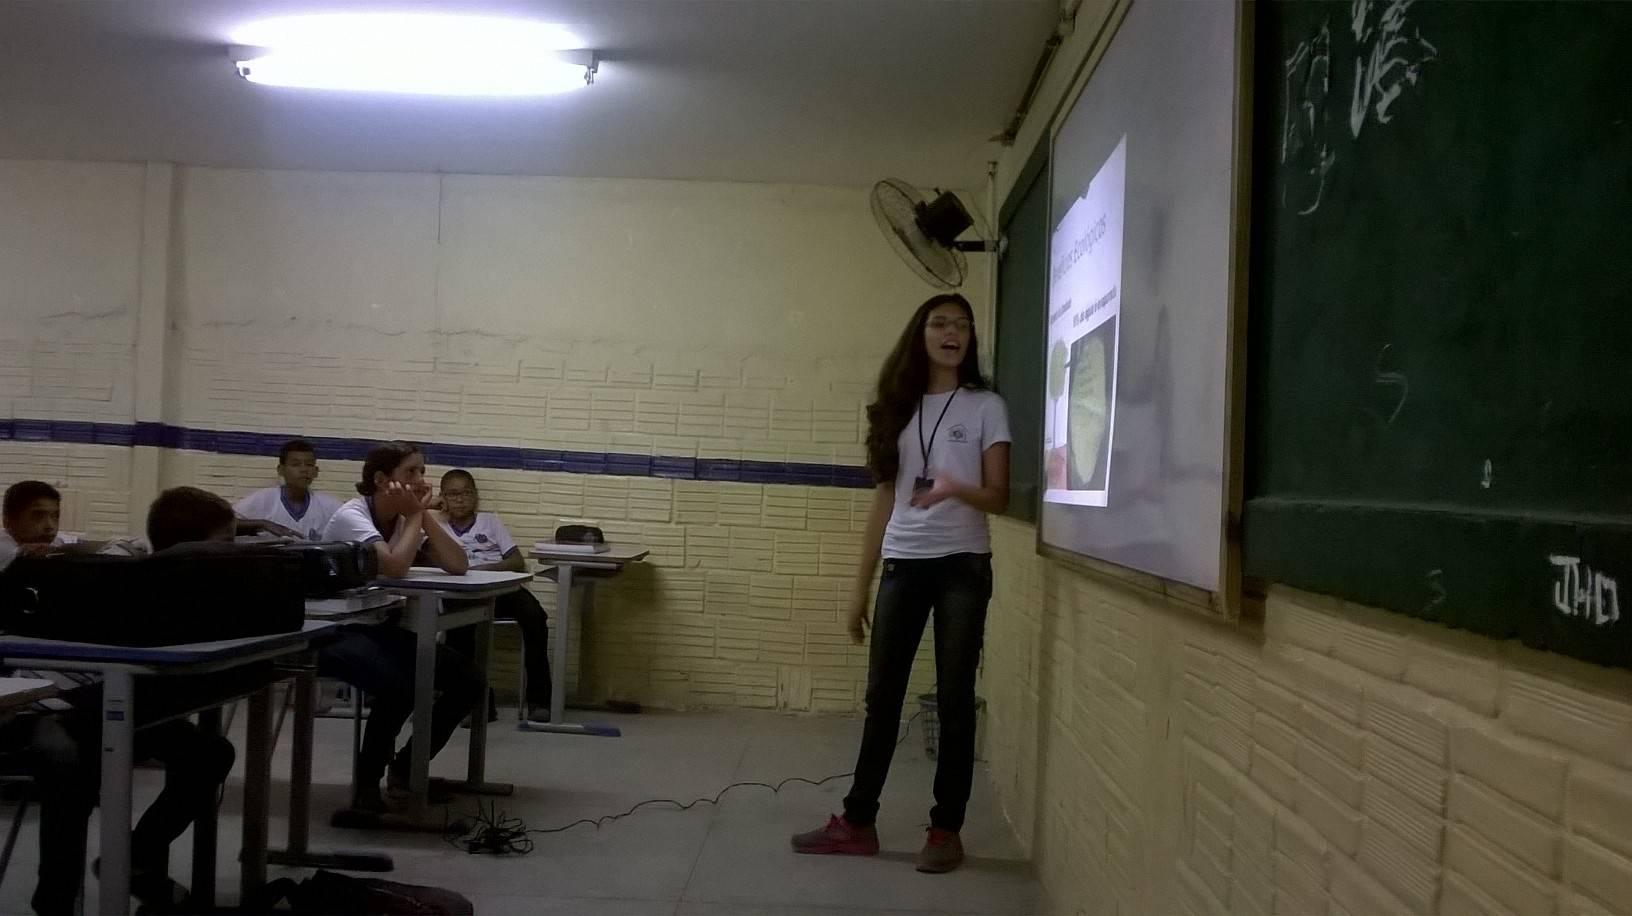 Atividade de arborização - Escola  João Batista dos Santos - Petrolina-PE - 04.03.16